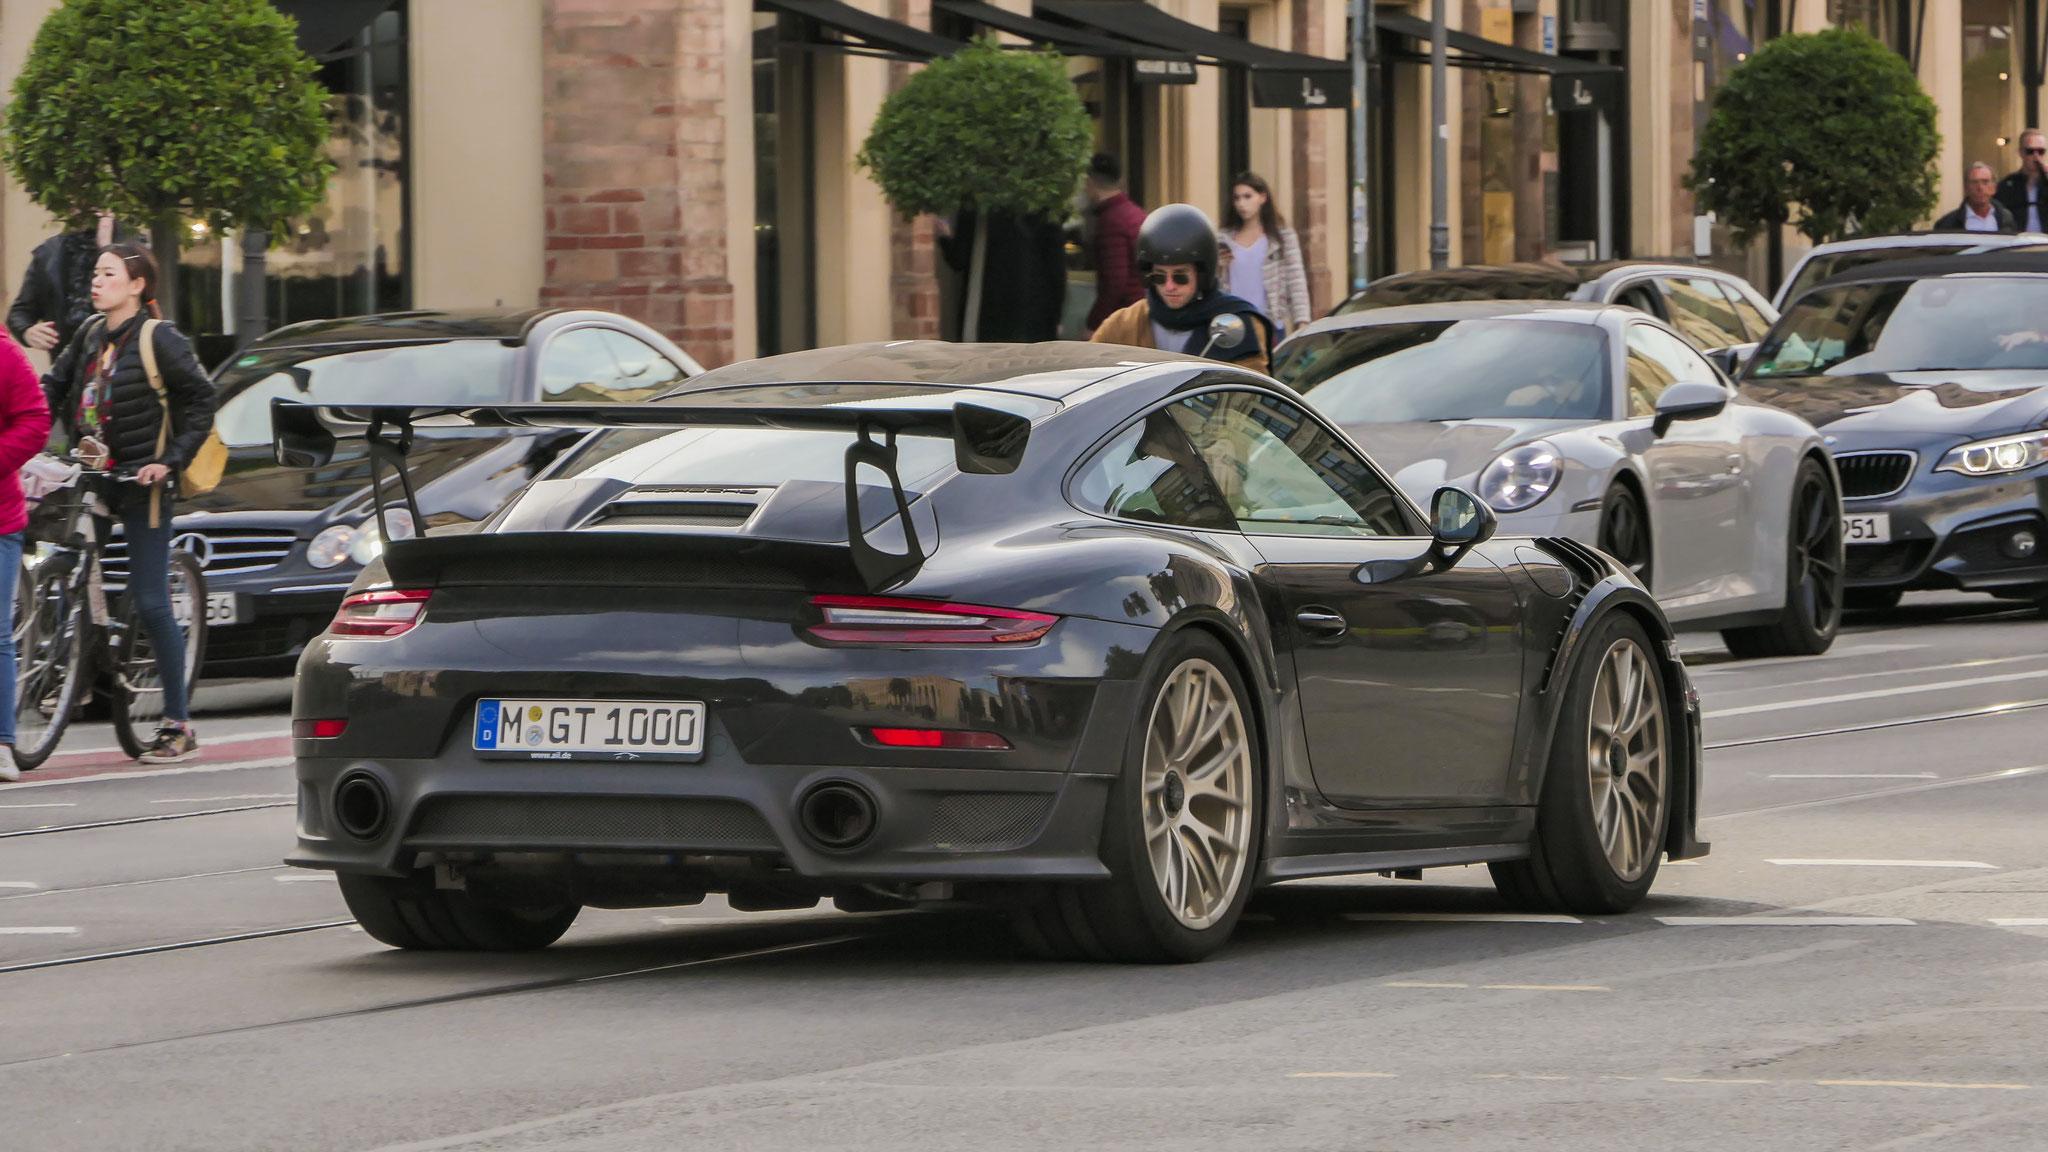 Porsche 911 GT2 RS - M-GT-1000